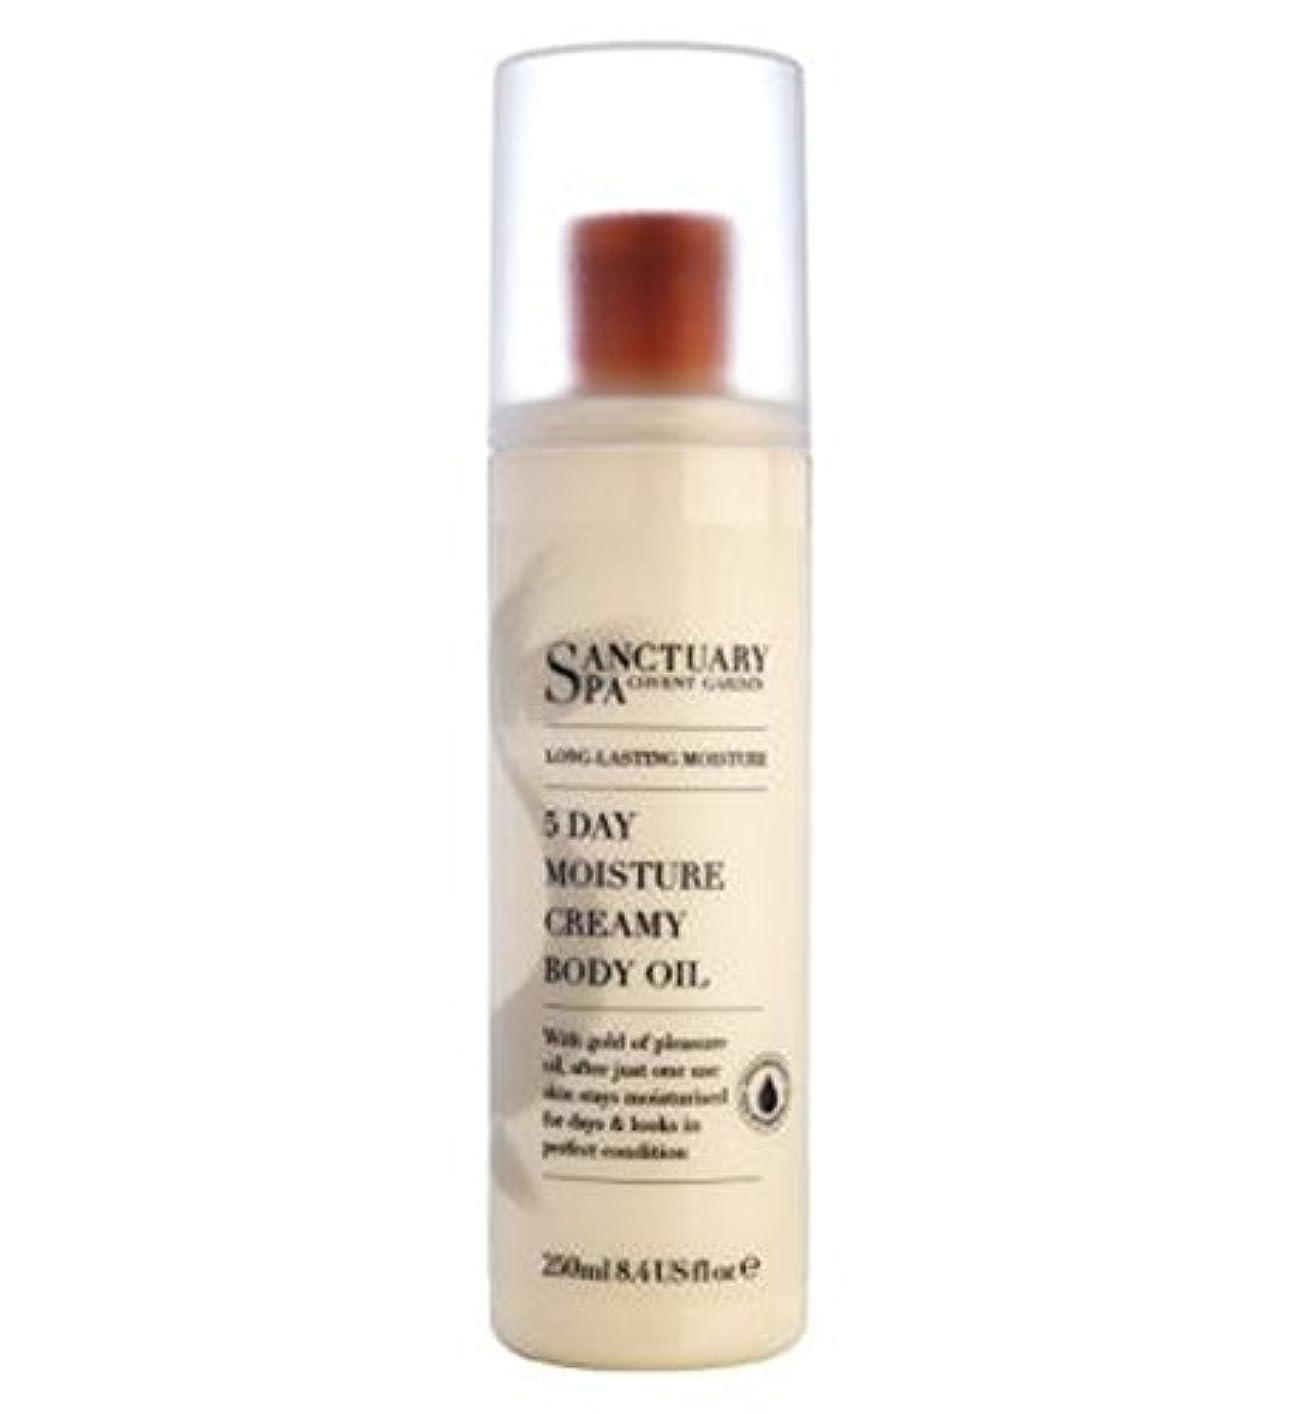 代名詞仕方オーロックSanctuary Long Lasting Moisture 5 Day Moisture Creamy Body Oil 250ml - 聖域長期的な水分5日間の水分クリーミーボディオイル250ミリリットル (Sanctuary...